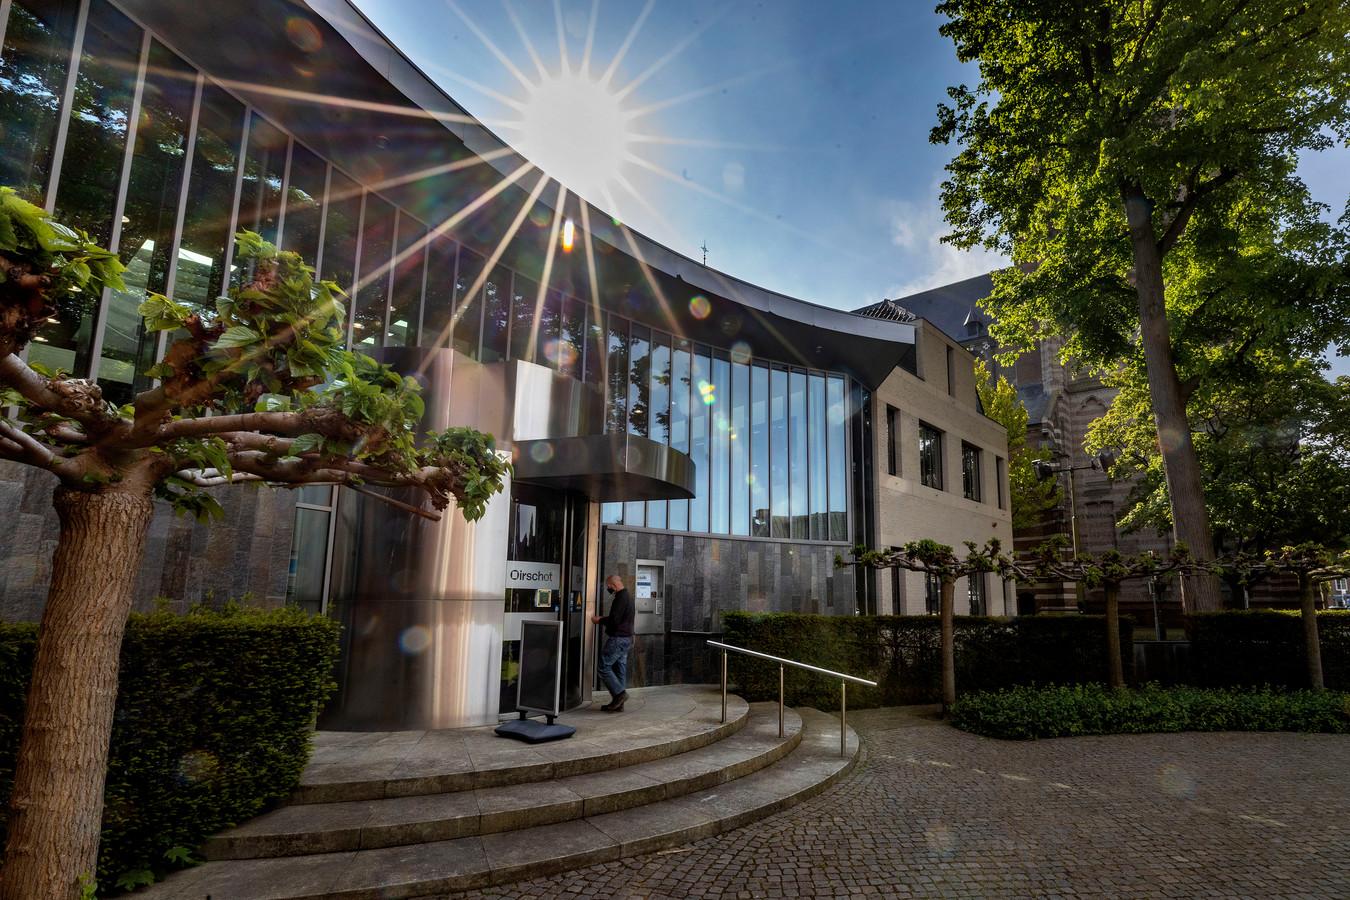 Gemeentehuis in Oirschot. (archieffoto)